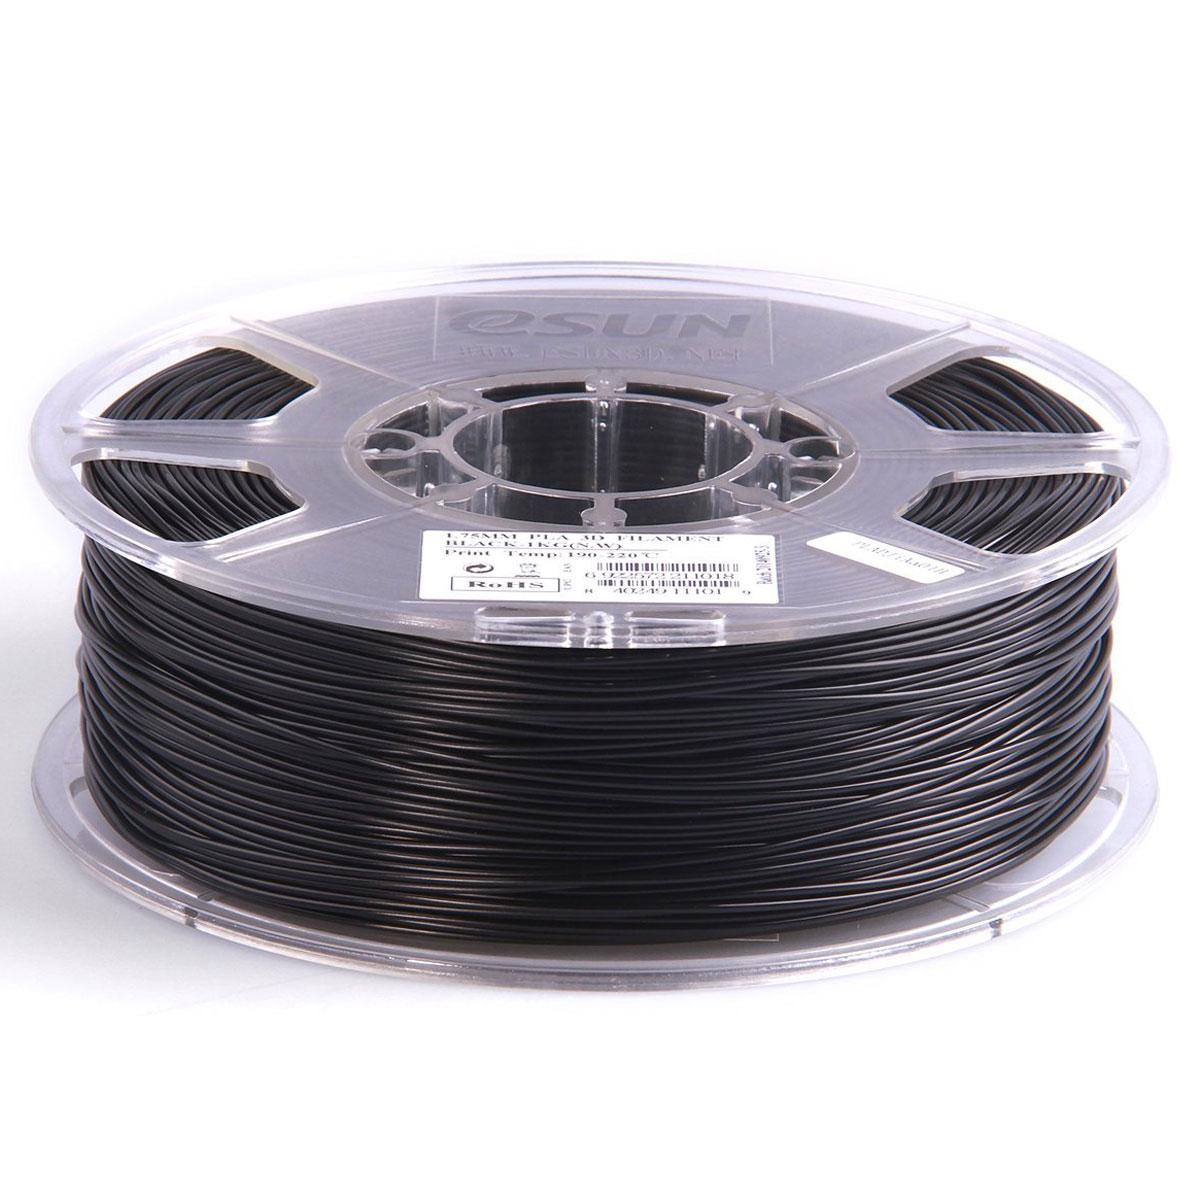 ESUN пластик PLA в катушке, Black, 1,75 ммPLA175B1Пластик PLA от ESUN долговечный и очень прочный полимер, ударопрочный, эластичный и стойкий к моющим средствам и щелочам. Один из лучших материалов для печати на 3D принтере. Пластик не имеет запаха и не является токсичным. Температура плавления 190-220°C. PLA пластик для 3D-принтера применяется в деталях автомобилей, канцелярских изделиях, корпусах бытовой техники, мебели, сантехники, а также в производстве игрушек, сувениров, спортивного инвентаря, деталей оружия, медицинского оборудования и прочего. Диаметр нити: 1.75 мм